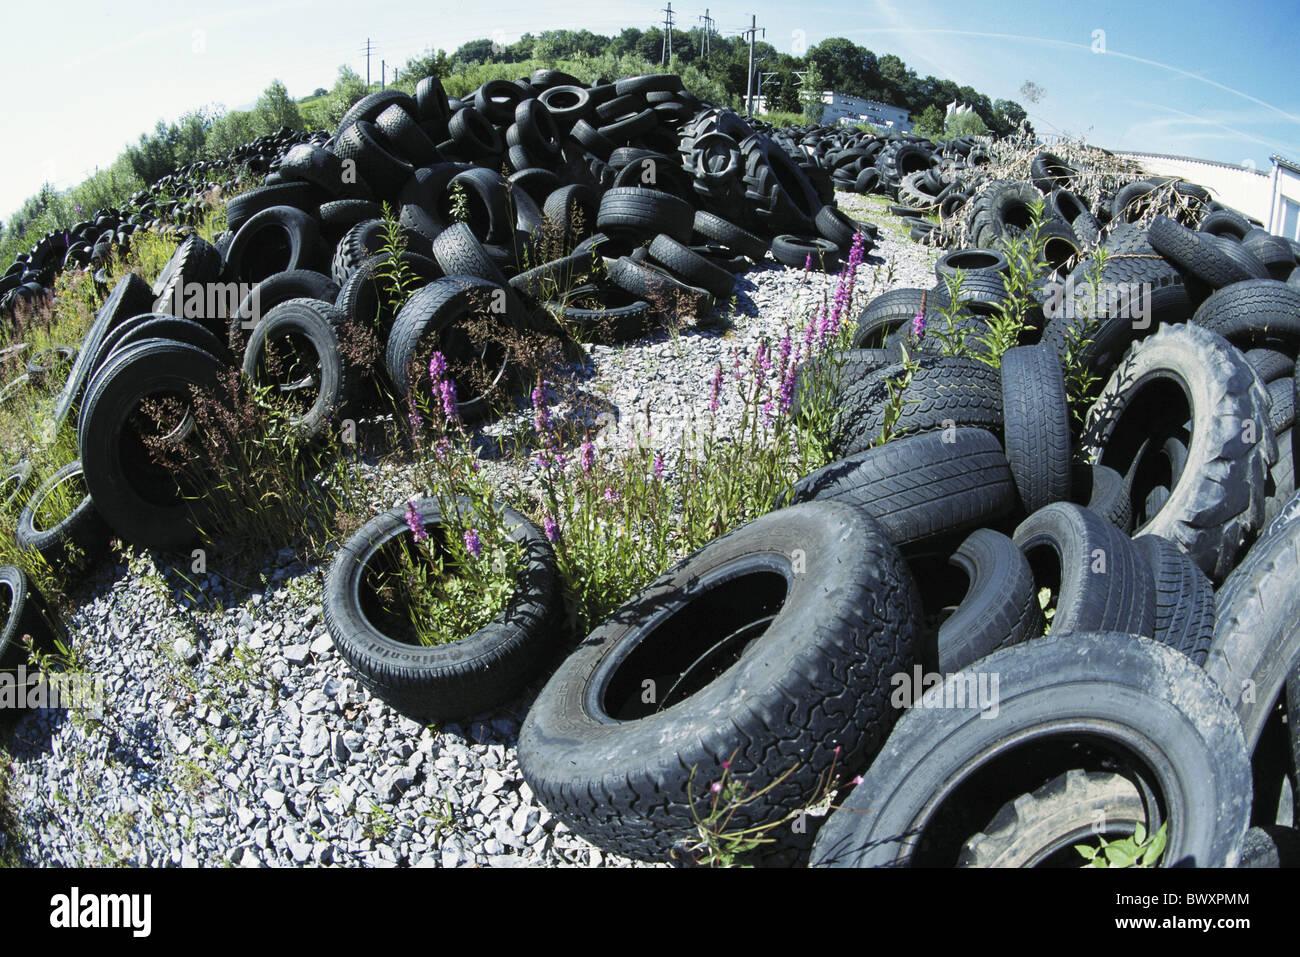 industry scrap metal rubbish metal rubber rubbish disposal tire dump Fisheye tires scrap metal filing pla Stock Photo